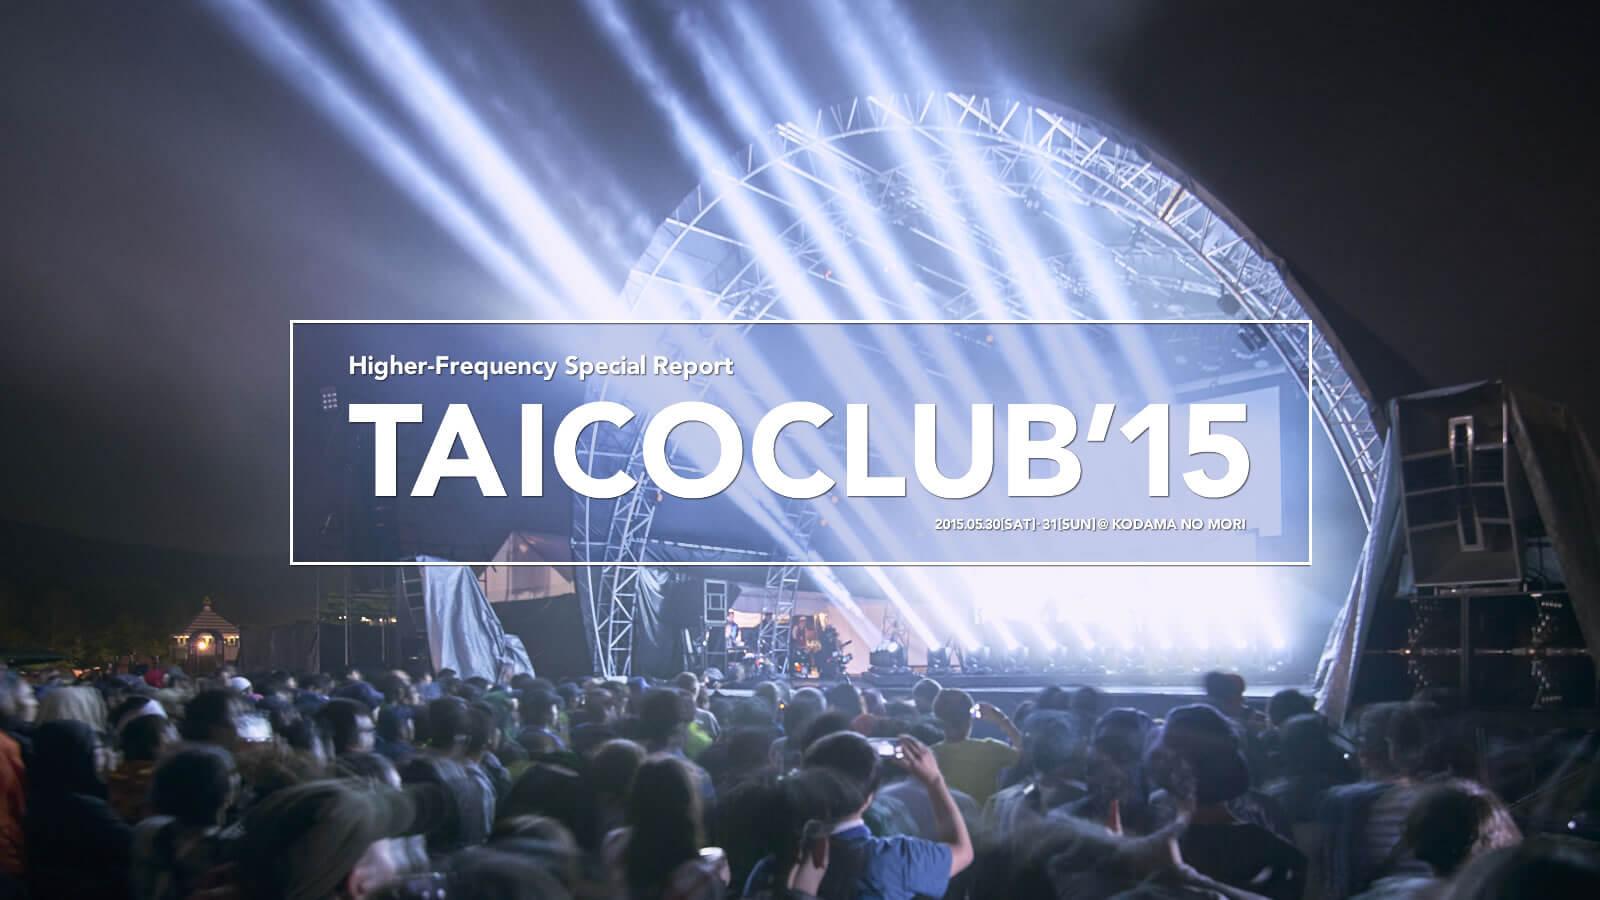 taicoclub15